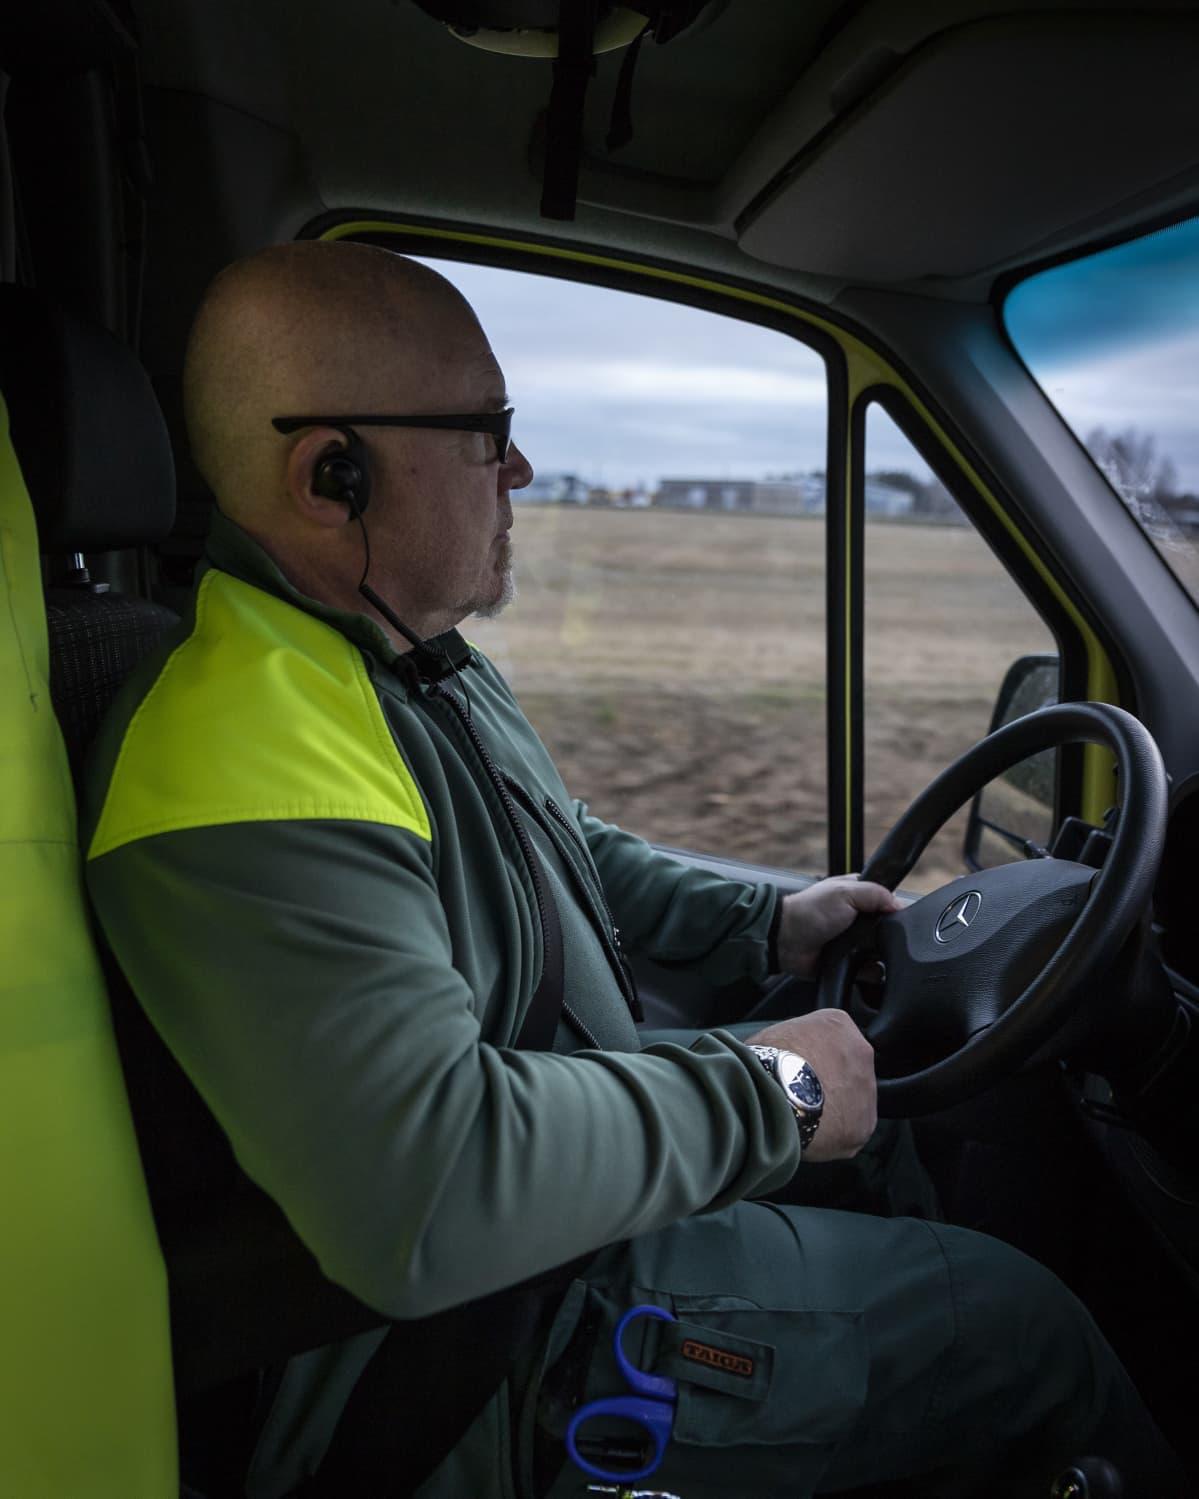 Mies ajaa ambulanssia.